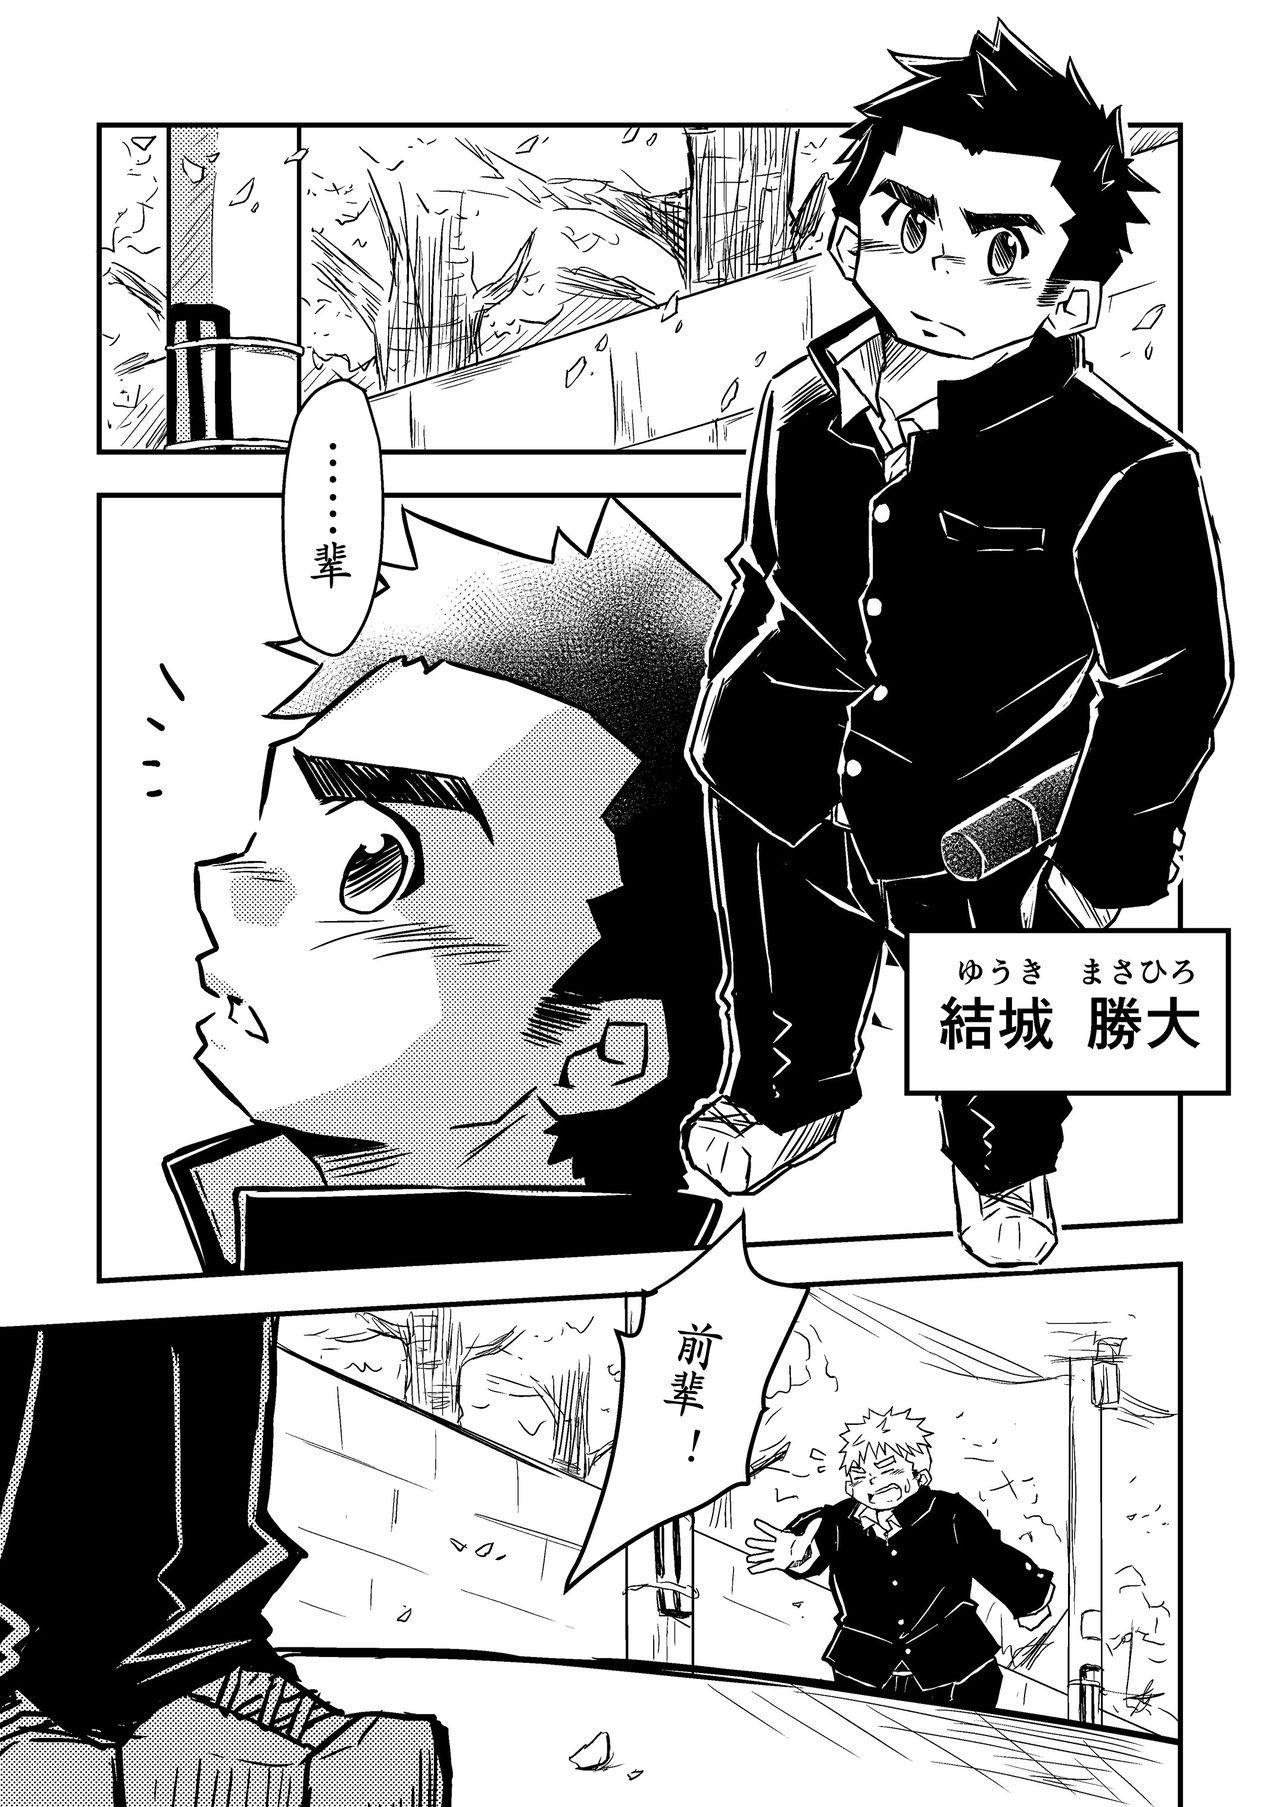 Datte Senpai ga Sukidakara! 1